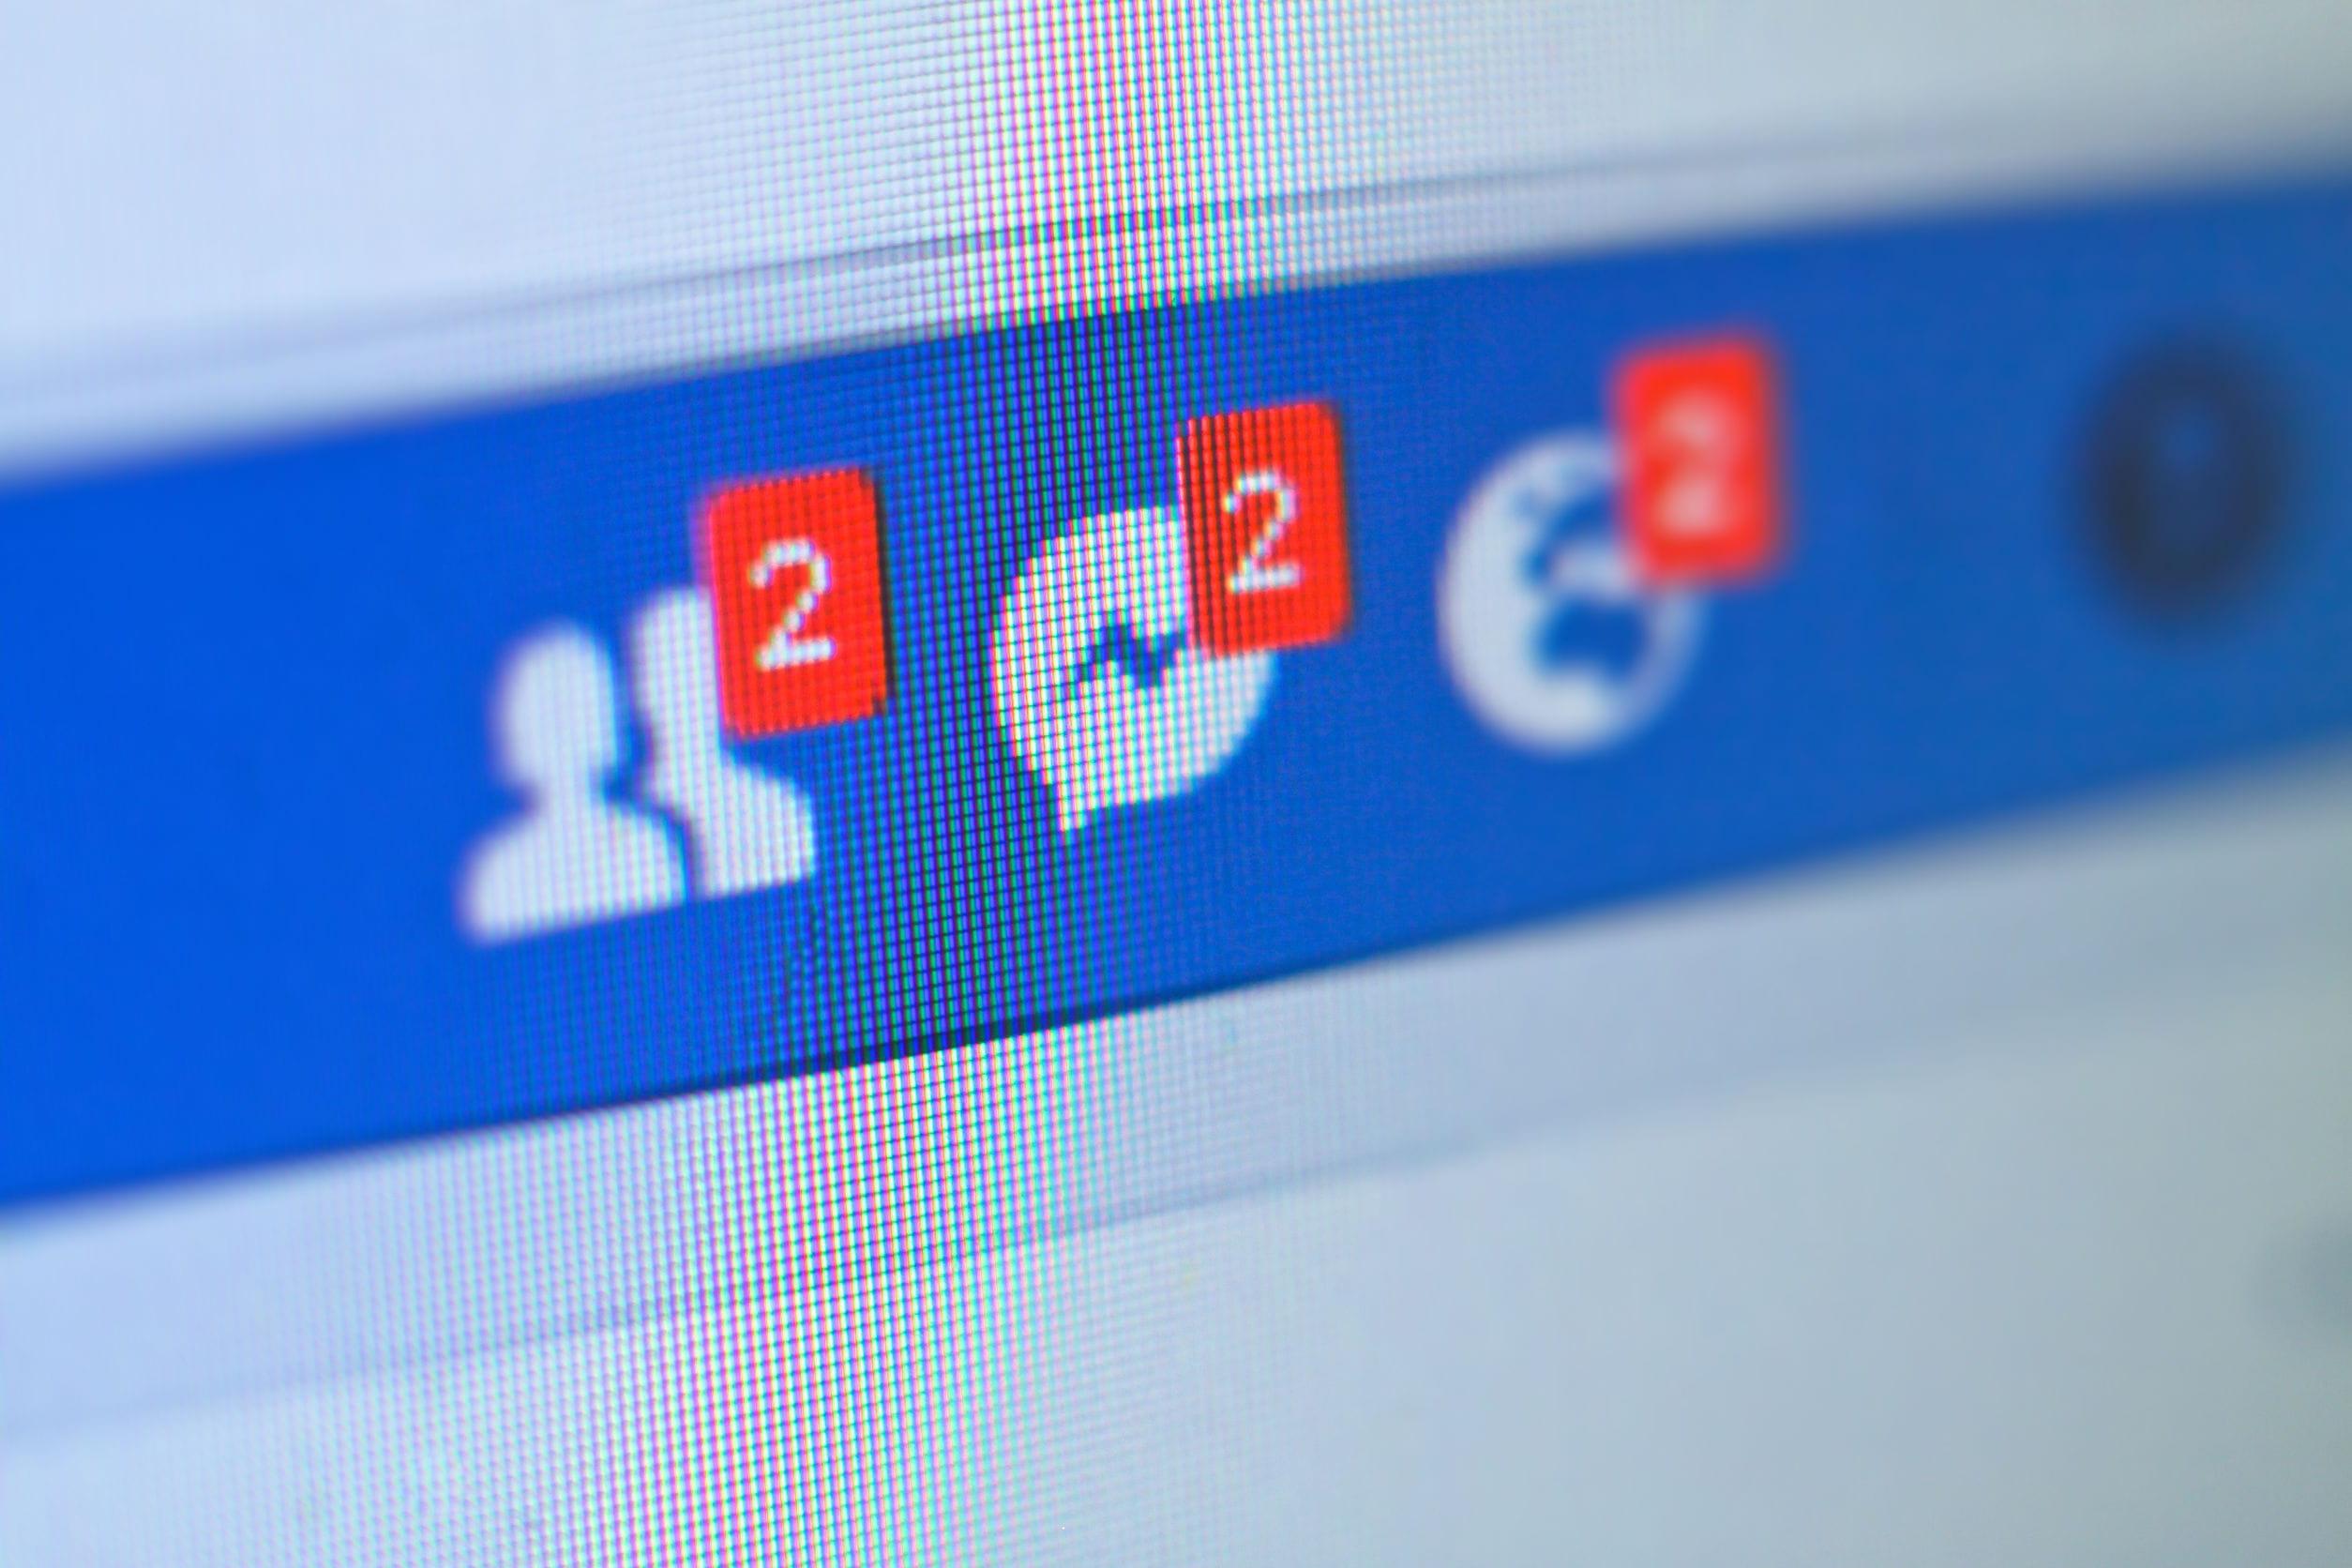 znaki, które chce tylko podłączyć gazowe randki online